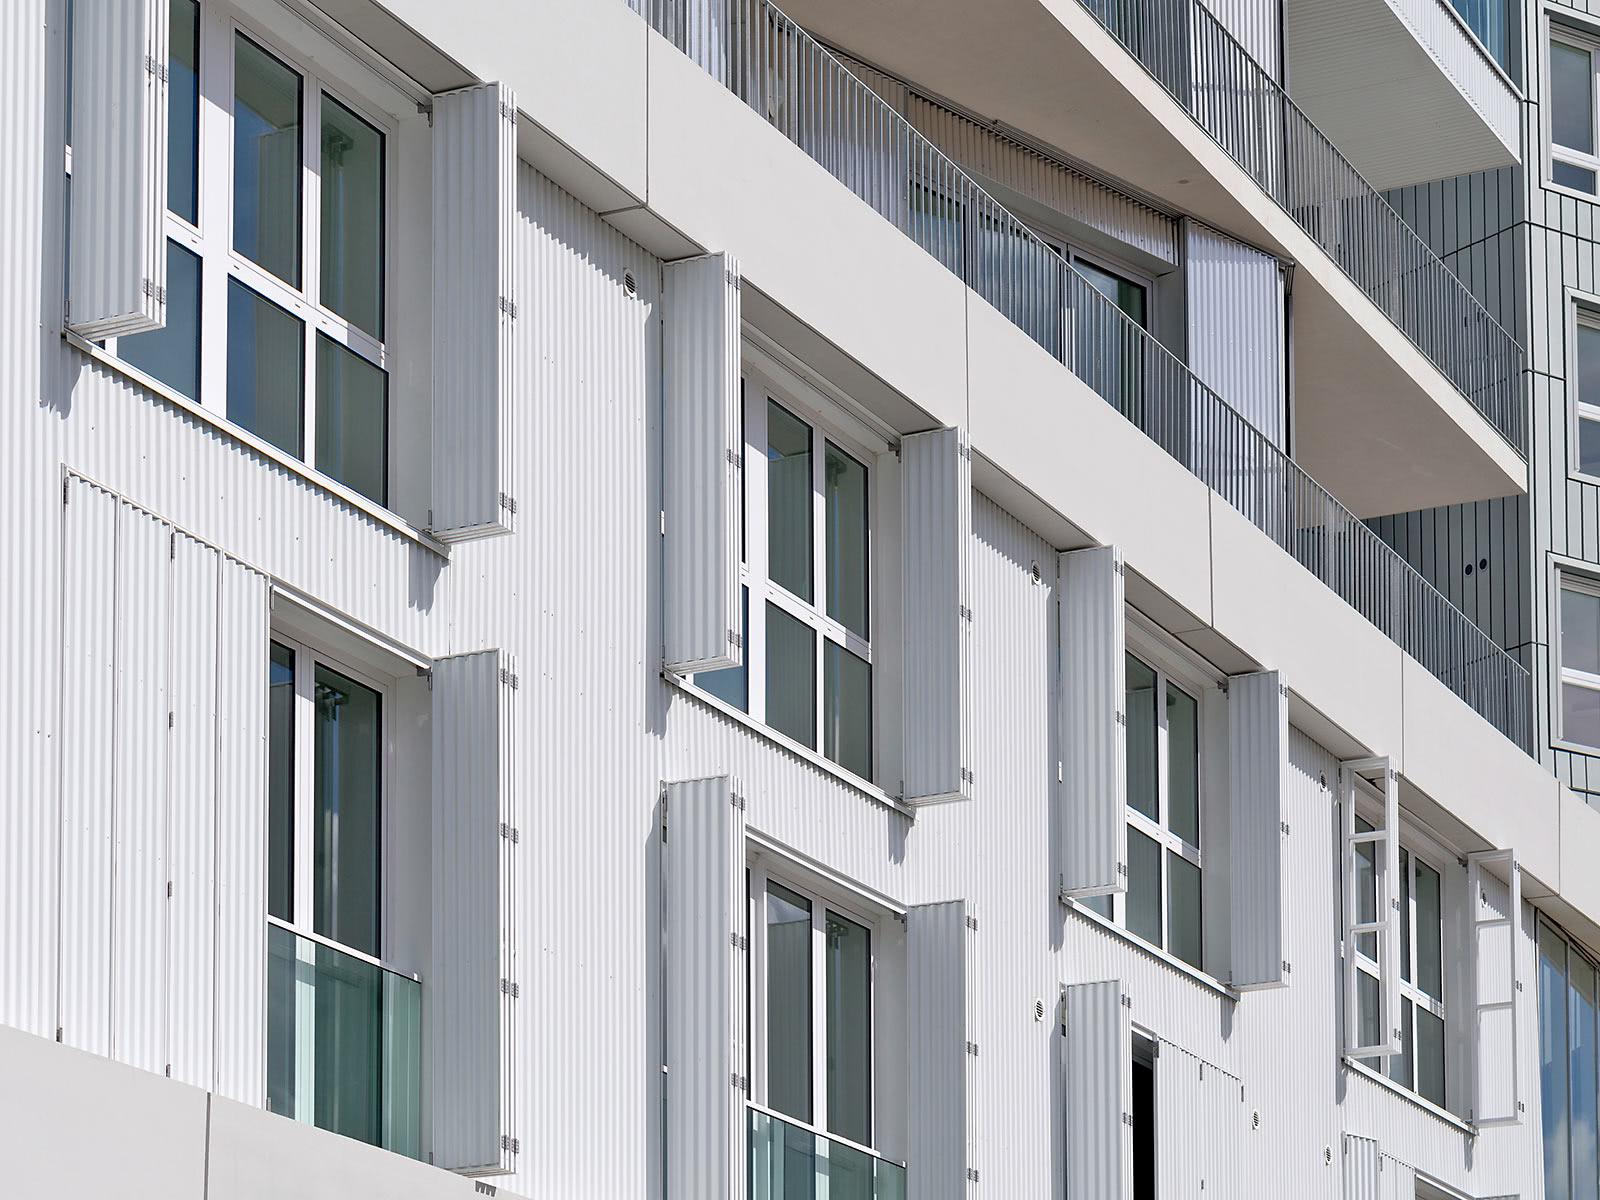 Fensterläden in Weiß